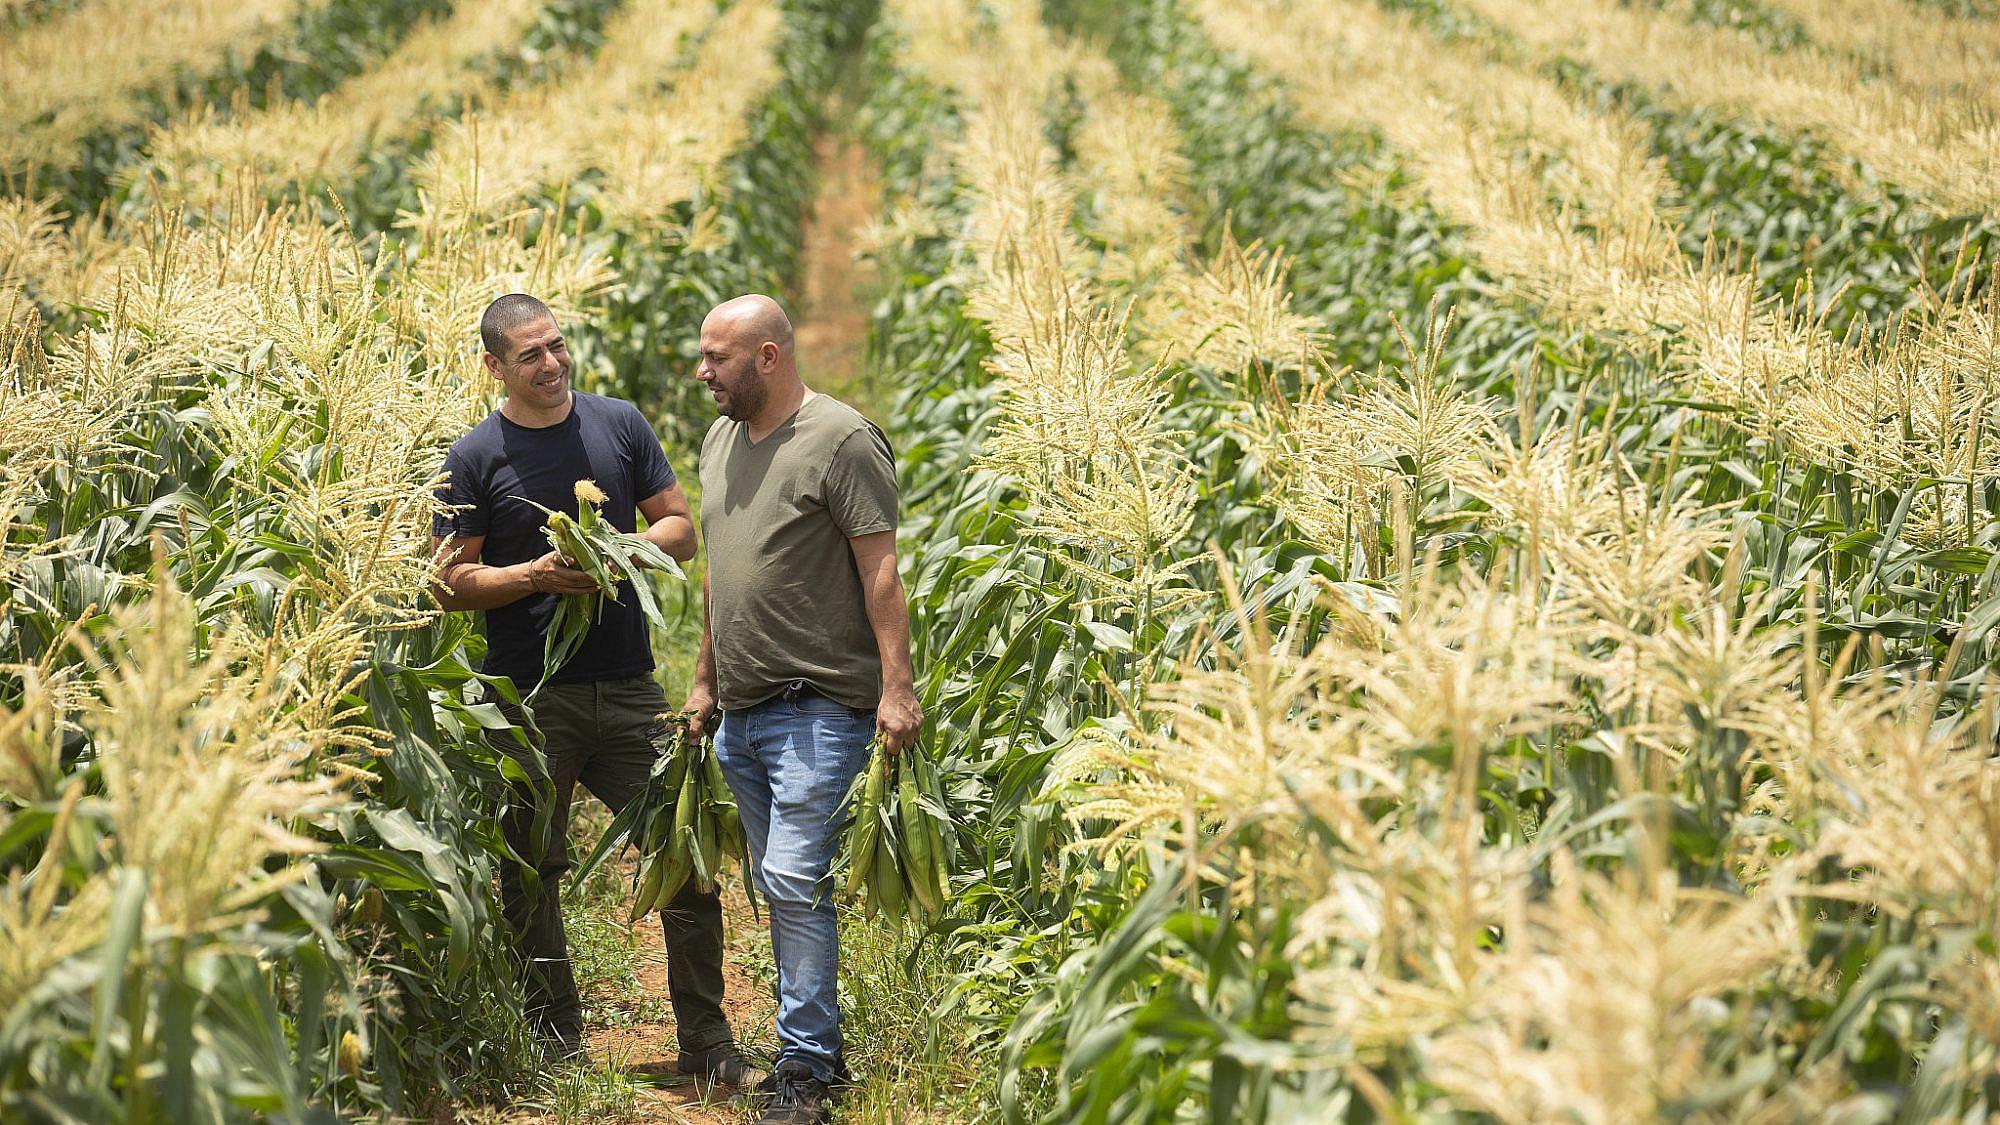 שף יוסי שטרית והחקלאי בני נקווה, החקלאי והשף. צילום: דניאל לילה